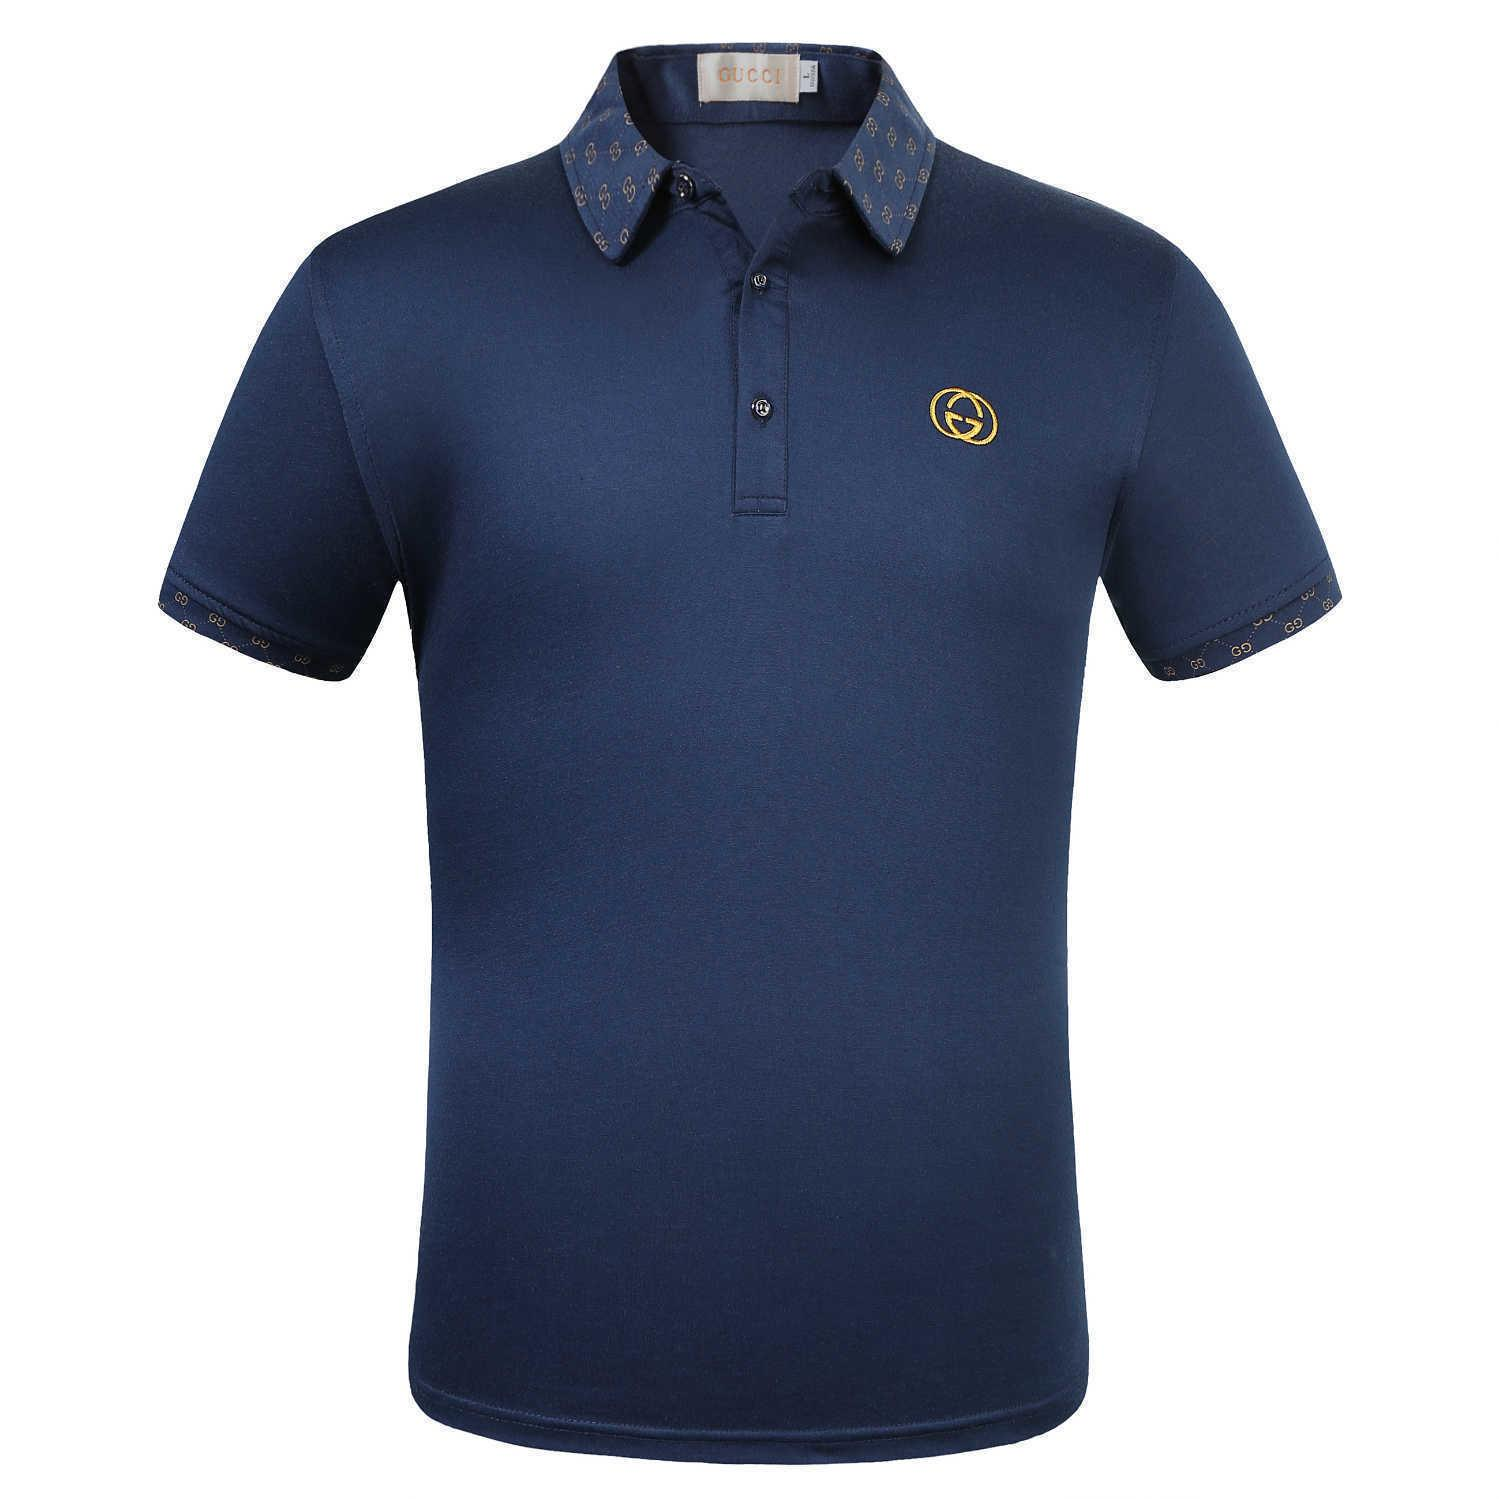 2019 été nouveaux hommes manches courtes T-shirt al19102001082801 # y4z1